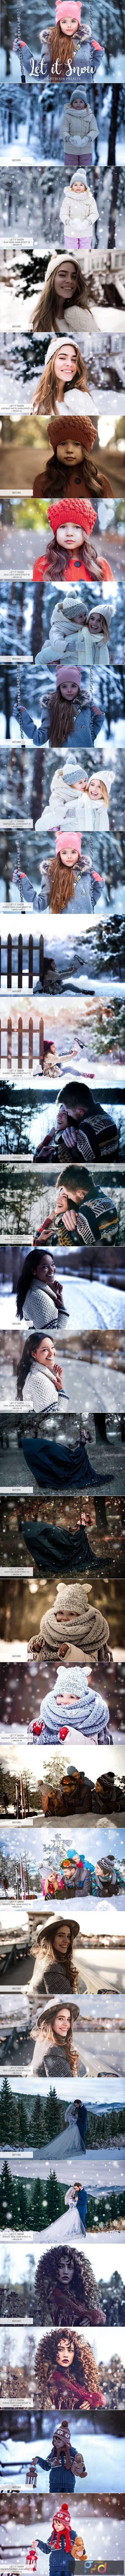 Let it Snow Lightroom Presets 3416139 1